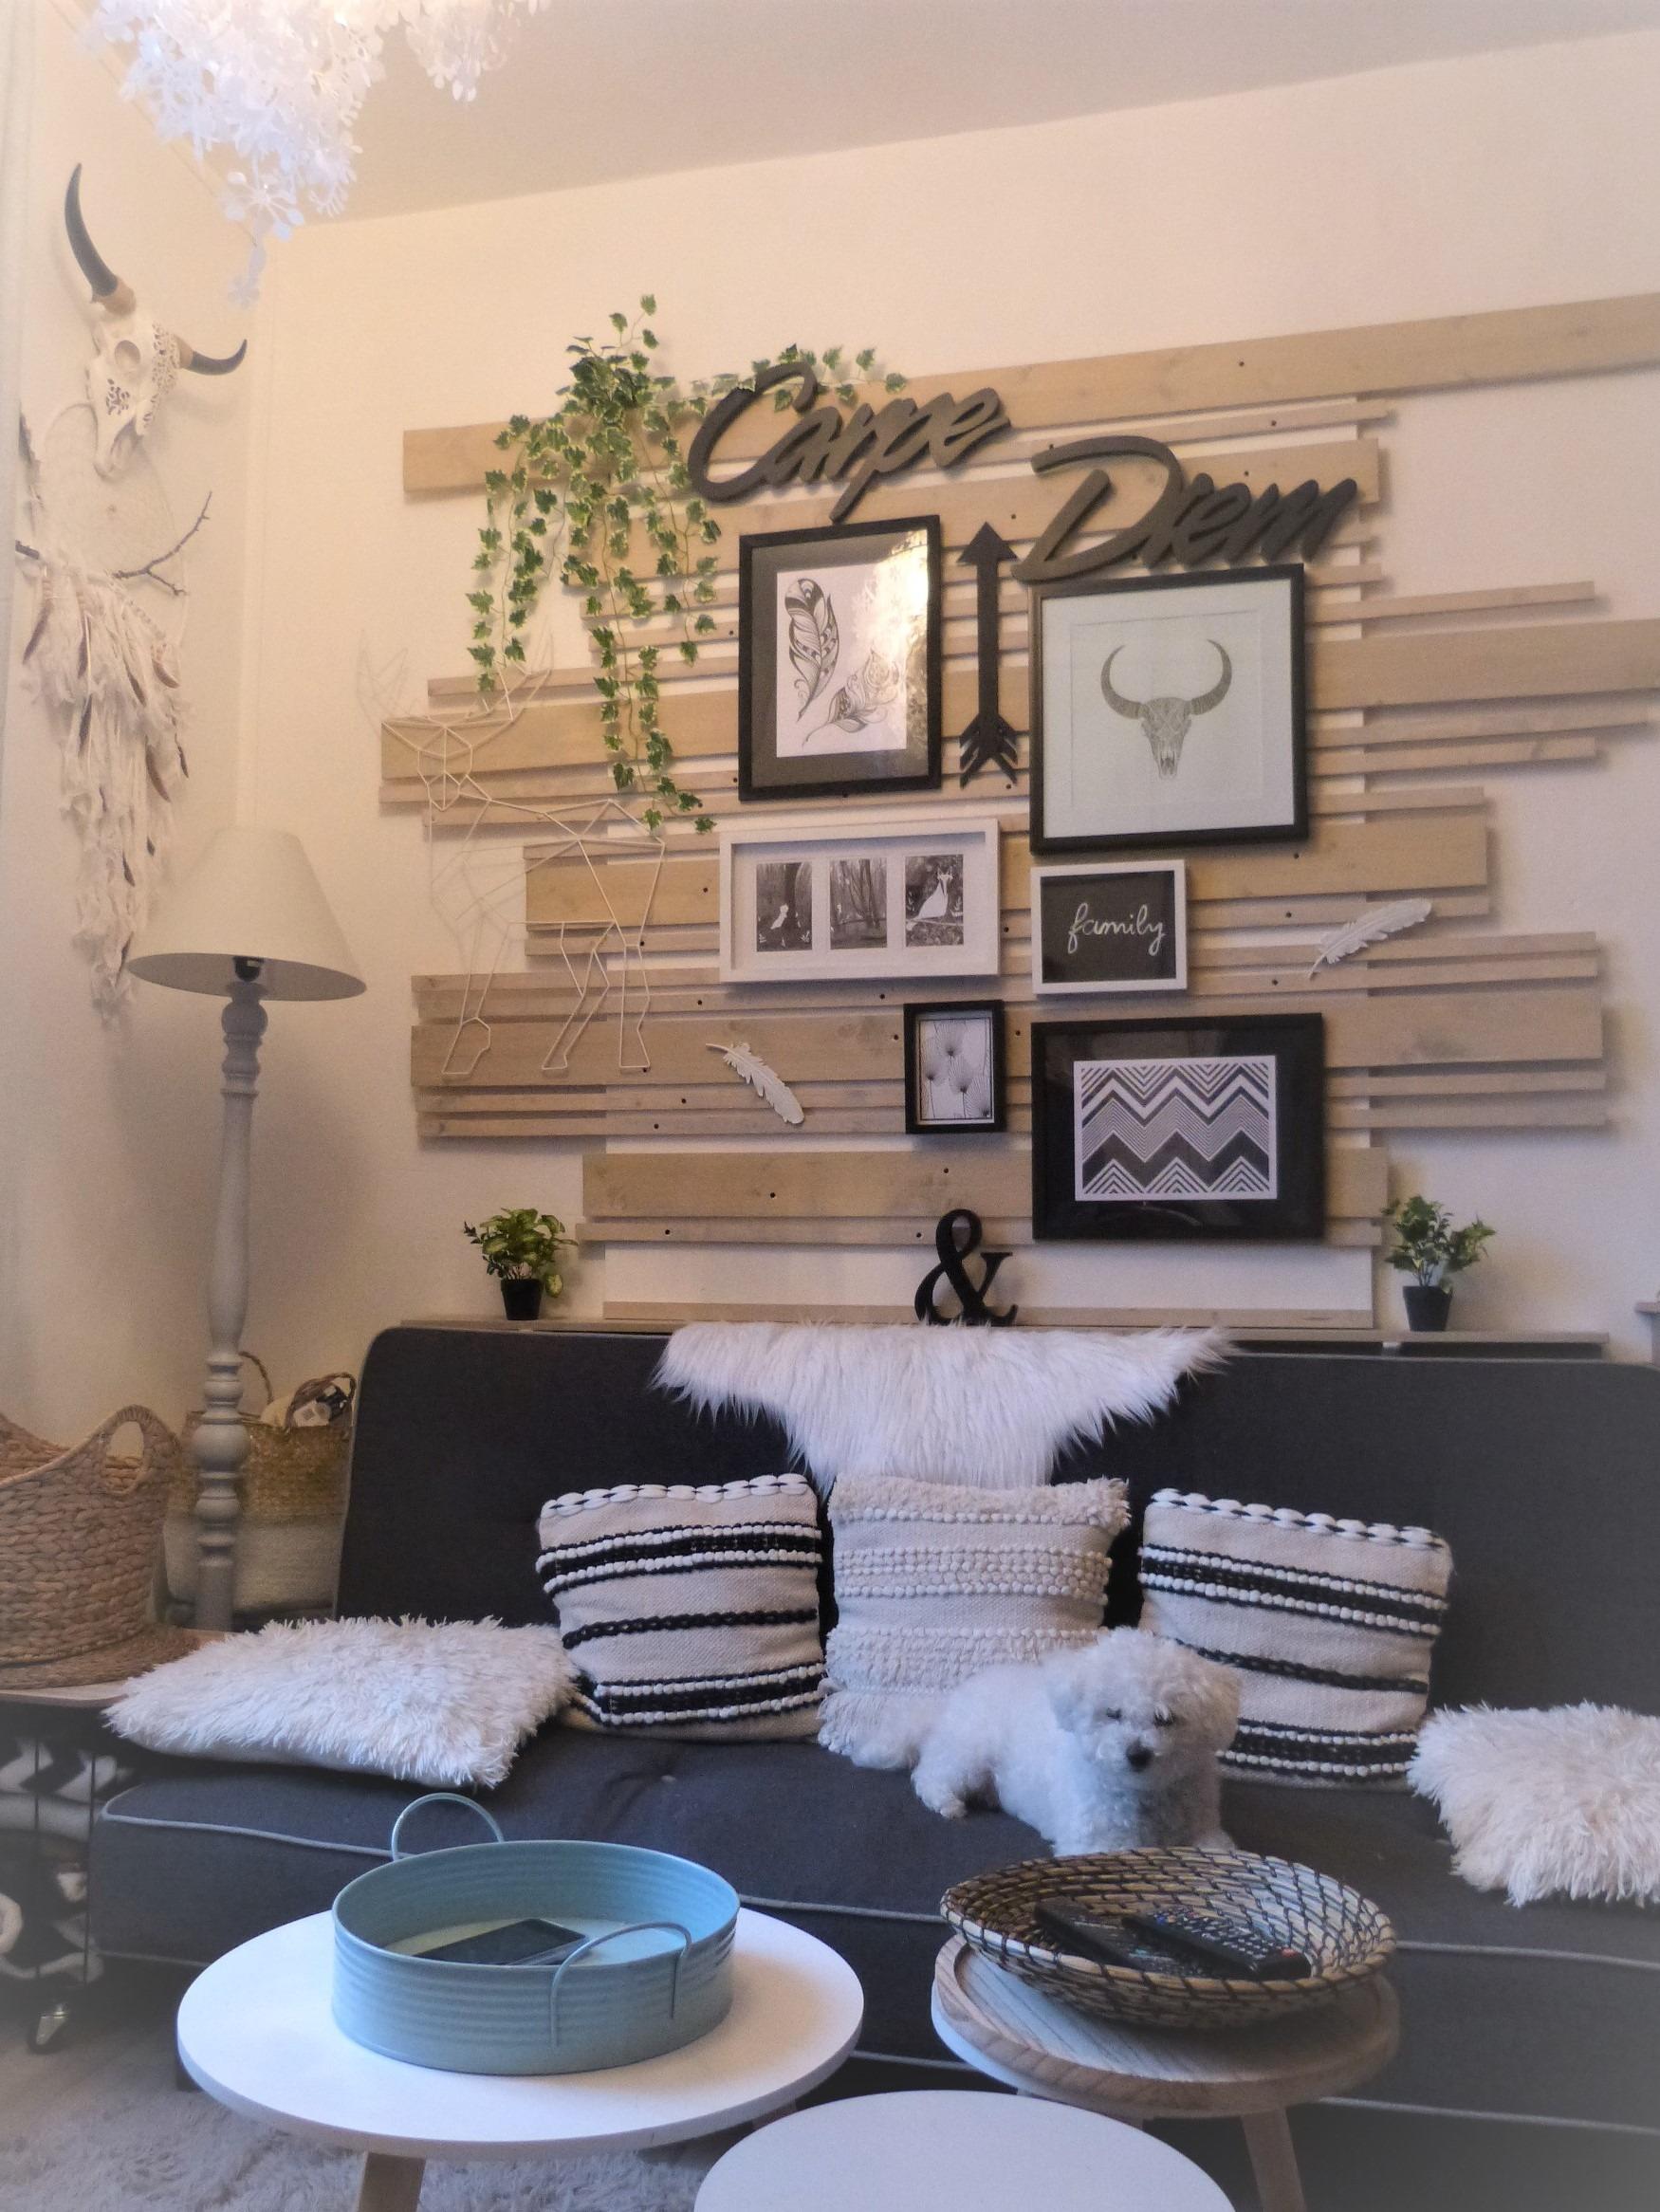 Déco de mur en bois dans le style bohème-ethnique